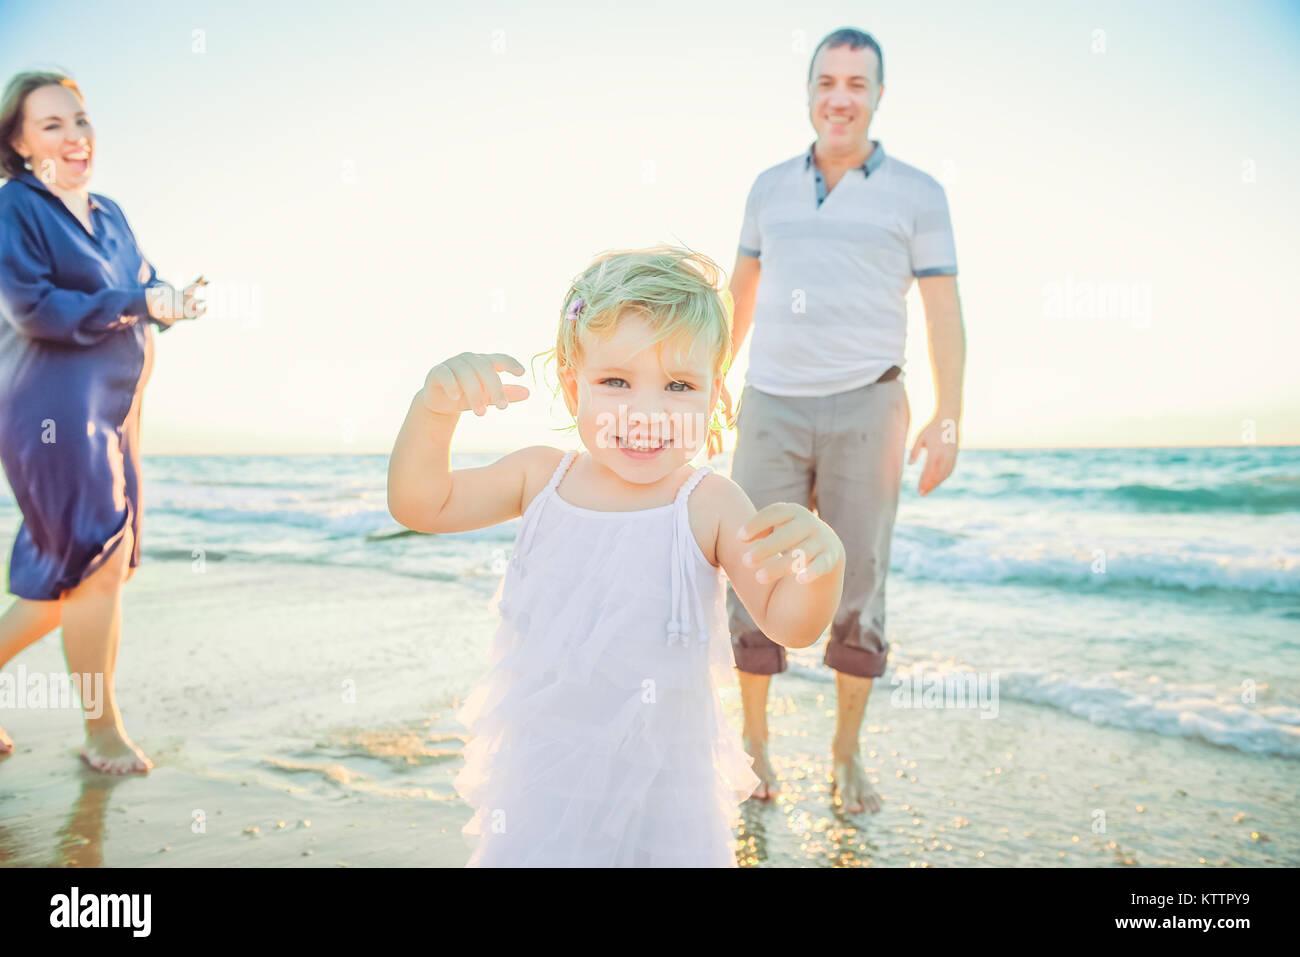 Lachendes Baby girl vorwärts läuft mit lachenden Eltern im Hintergrund. Glück und Harmonie in der Stockbild